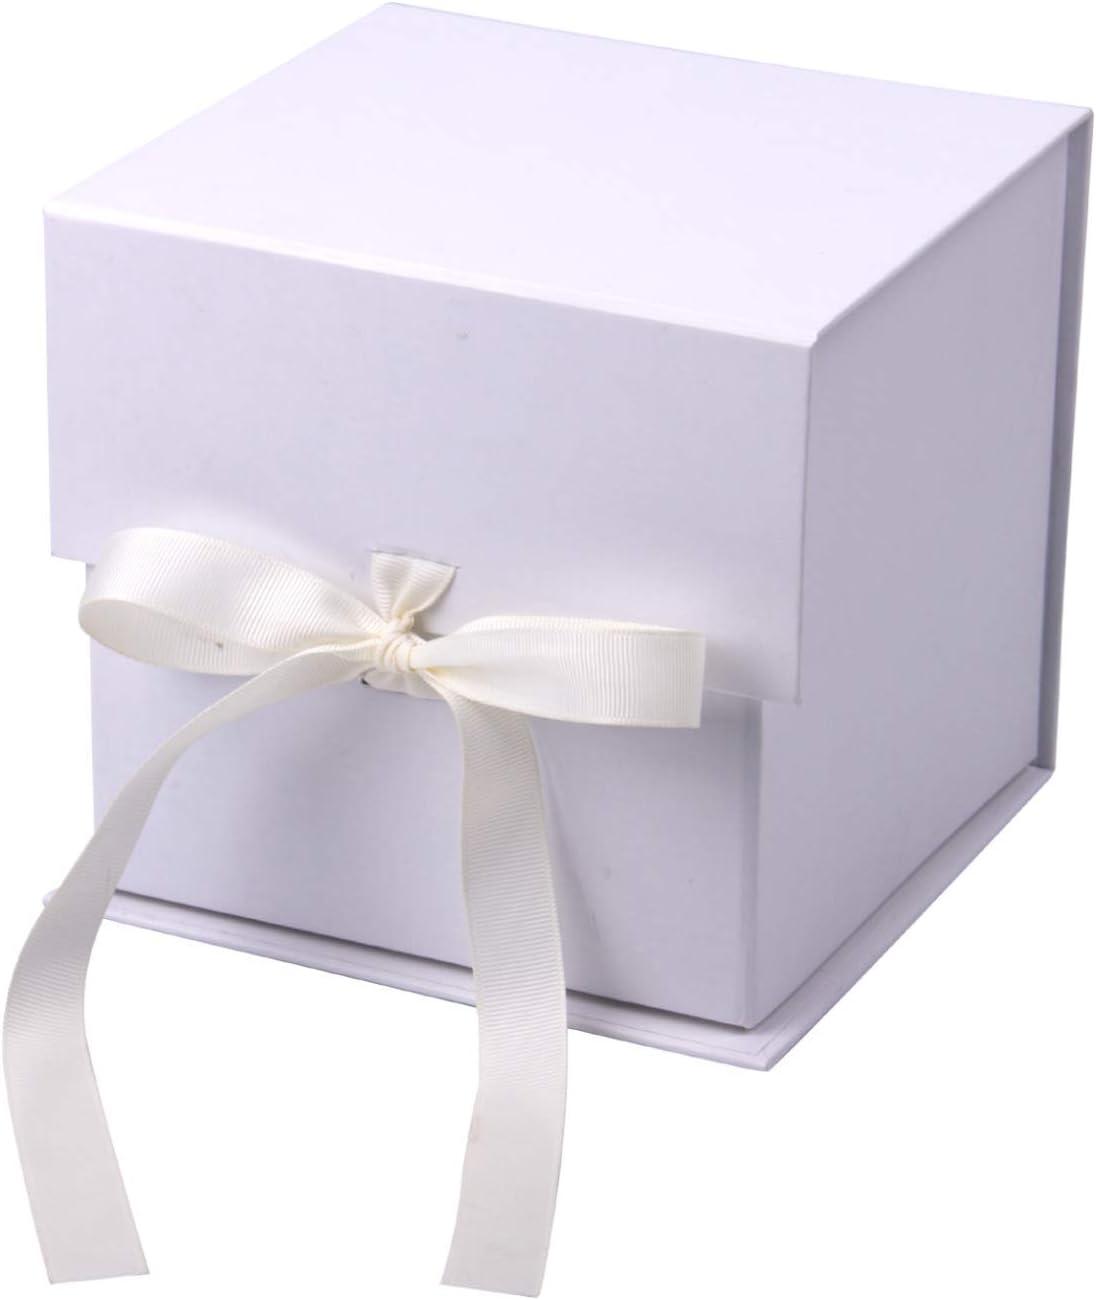 RUSPEPA Caja De Regalo Blanca De 2 Piezas con Cinta De Grosgrain, Caja De Regalo Plegable De 15.3X15.3X15.3 CM con Cierre Magnético para Taza De Café, Fiesta, Boda, Envoltura De Regalo,Almacenamiento: Amazon.es: